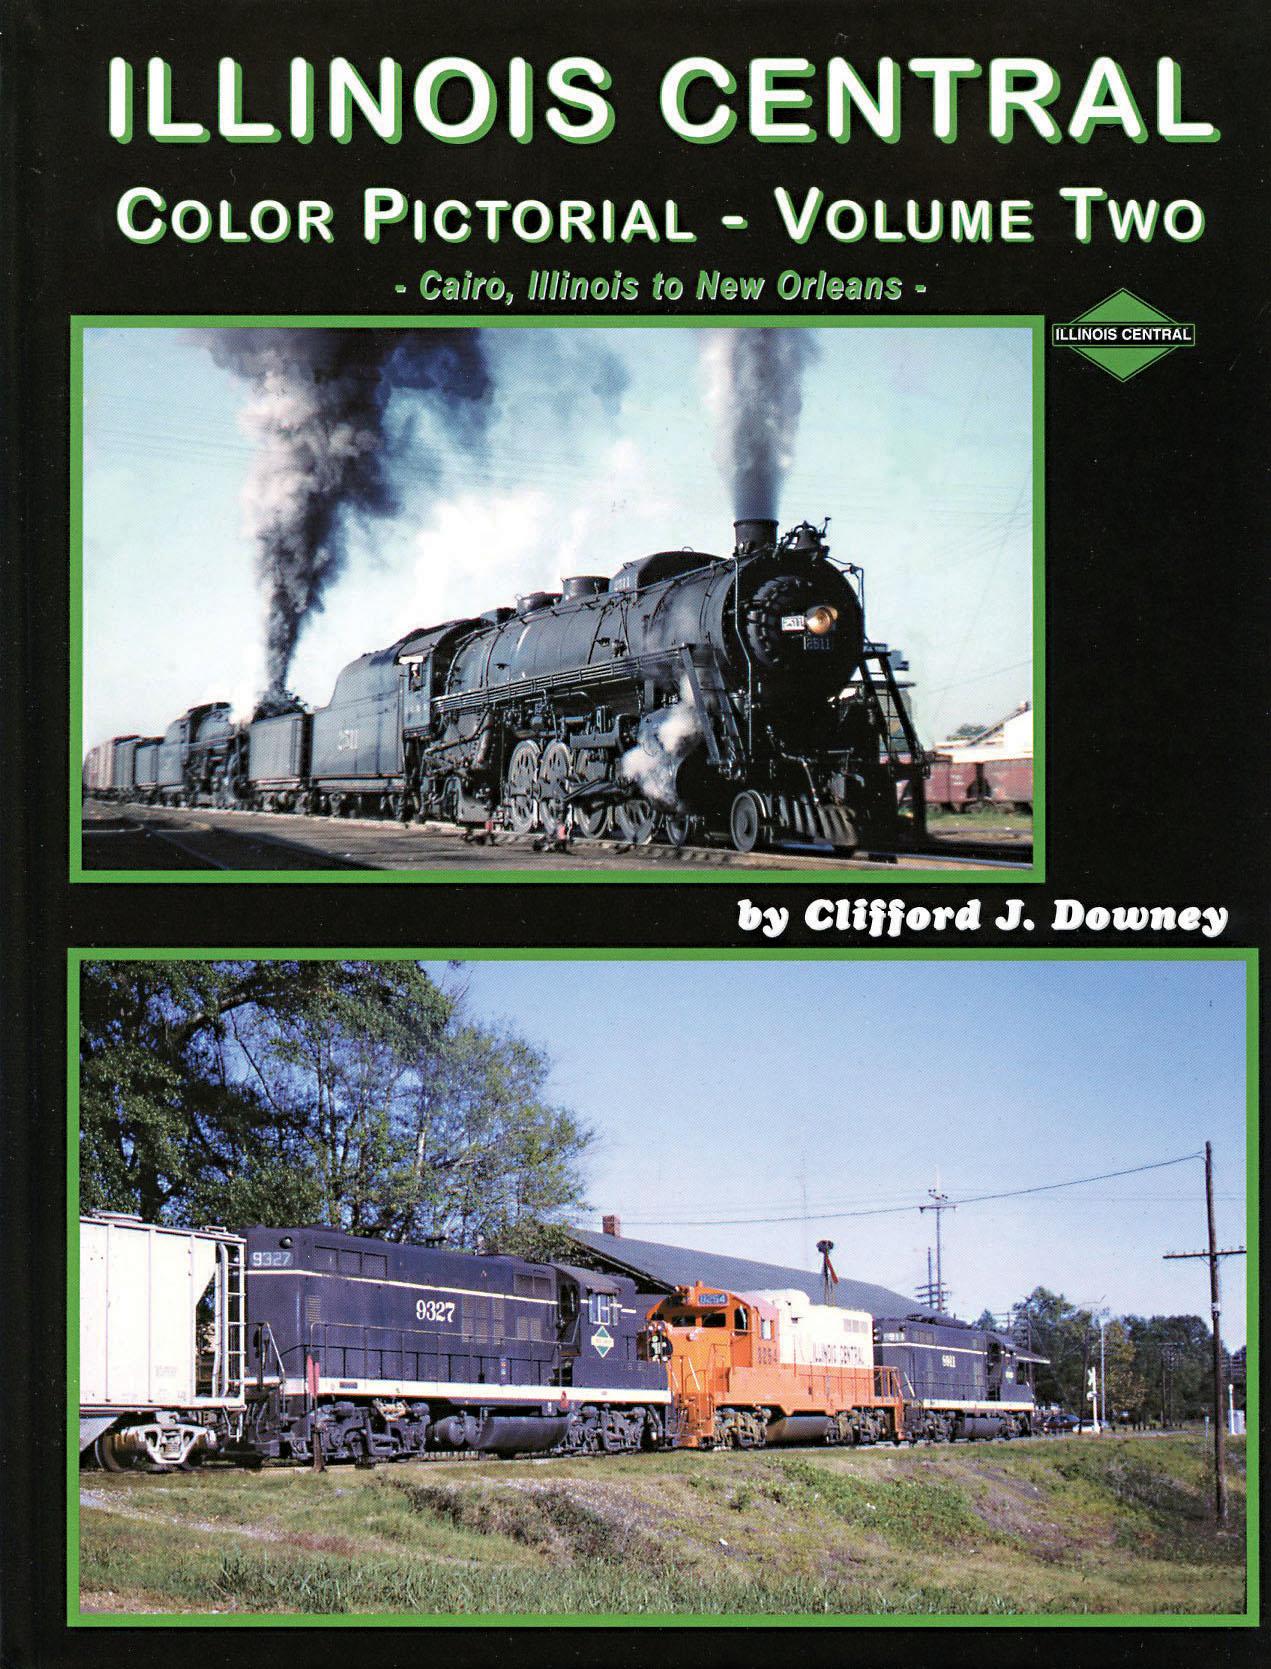 Illinois Central Vol. 2